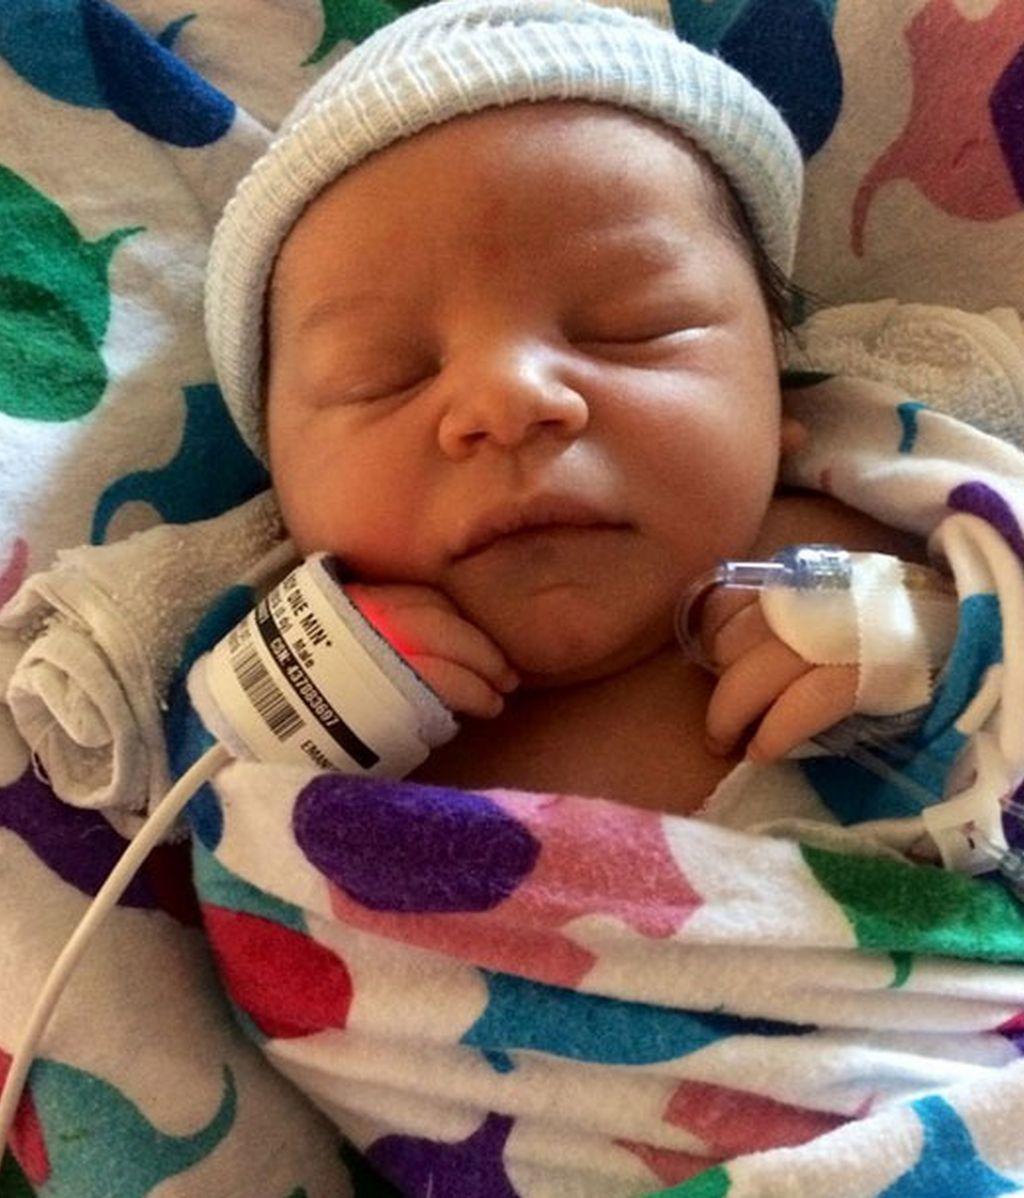 Un bebé de siete meses 'vuelve a la vida' tras recibir un trasplante de corazón